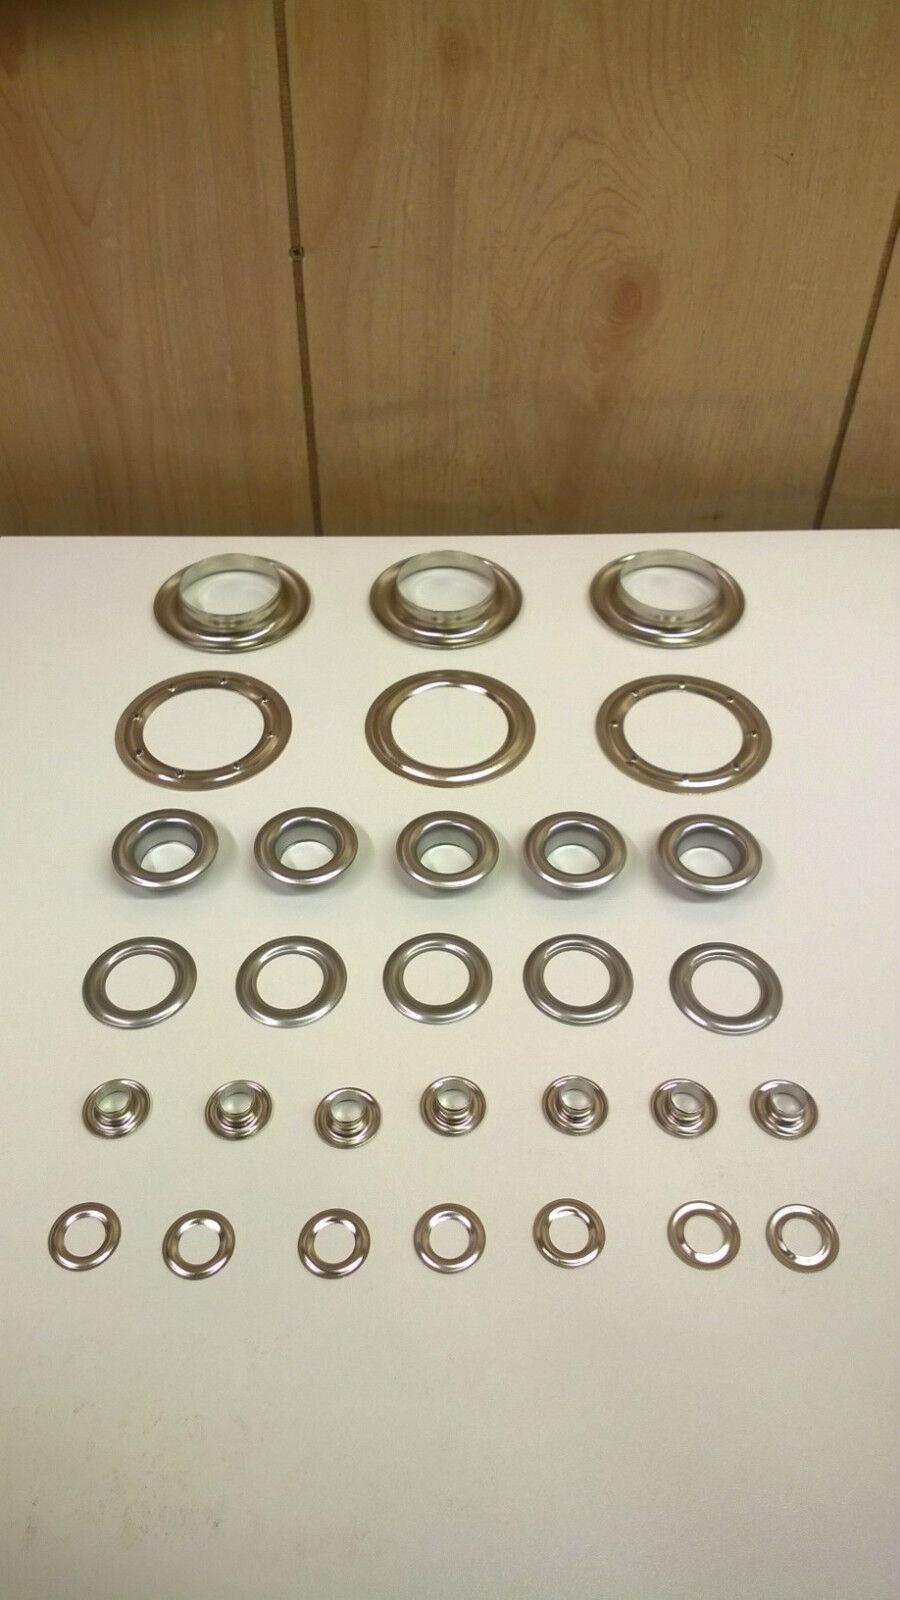 Oeillets Voile acier inoxydable VL 40 vl 50 vl 60 vl 80 - Lot de 50 pièces